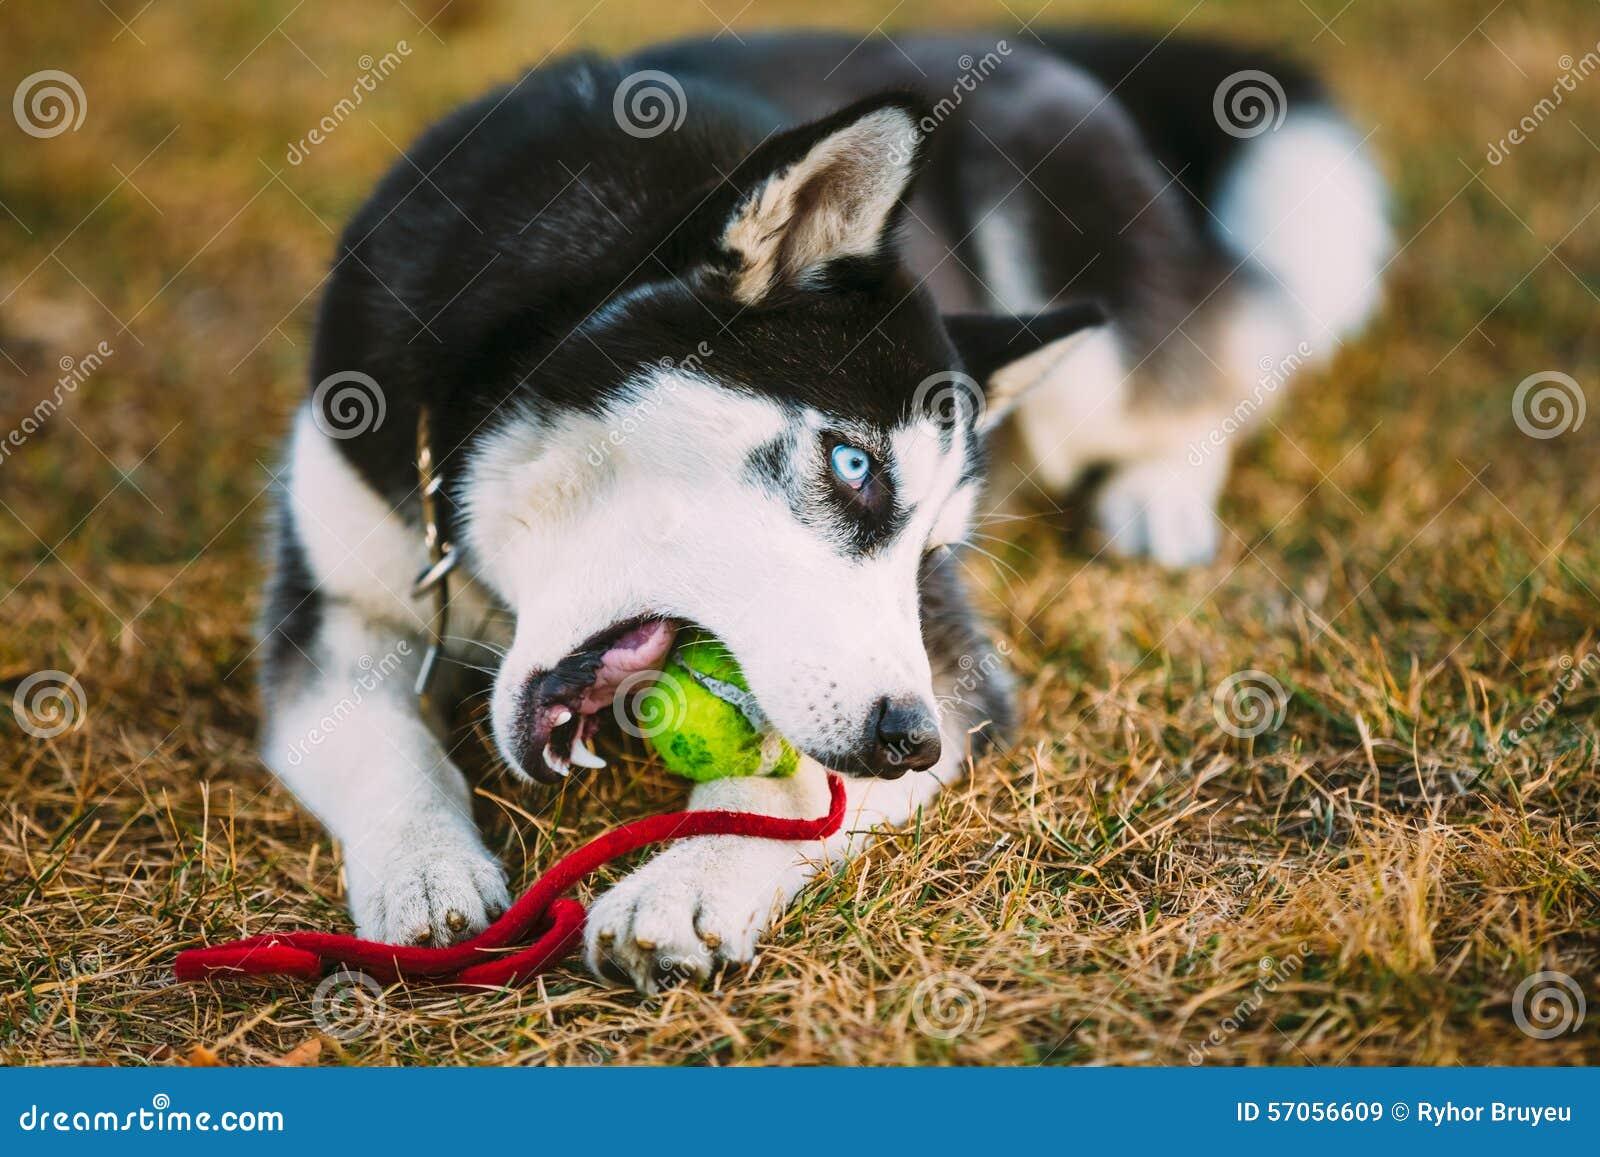 De Bal van hondhusky puppy plays with tennis